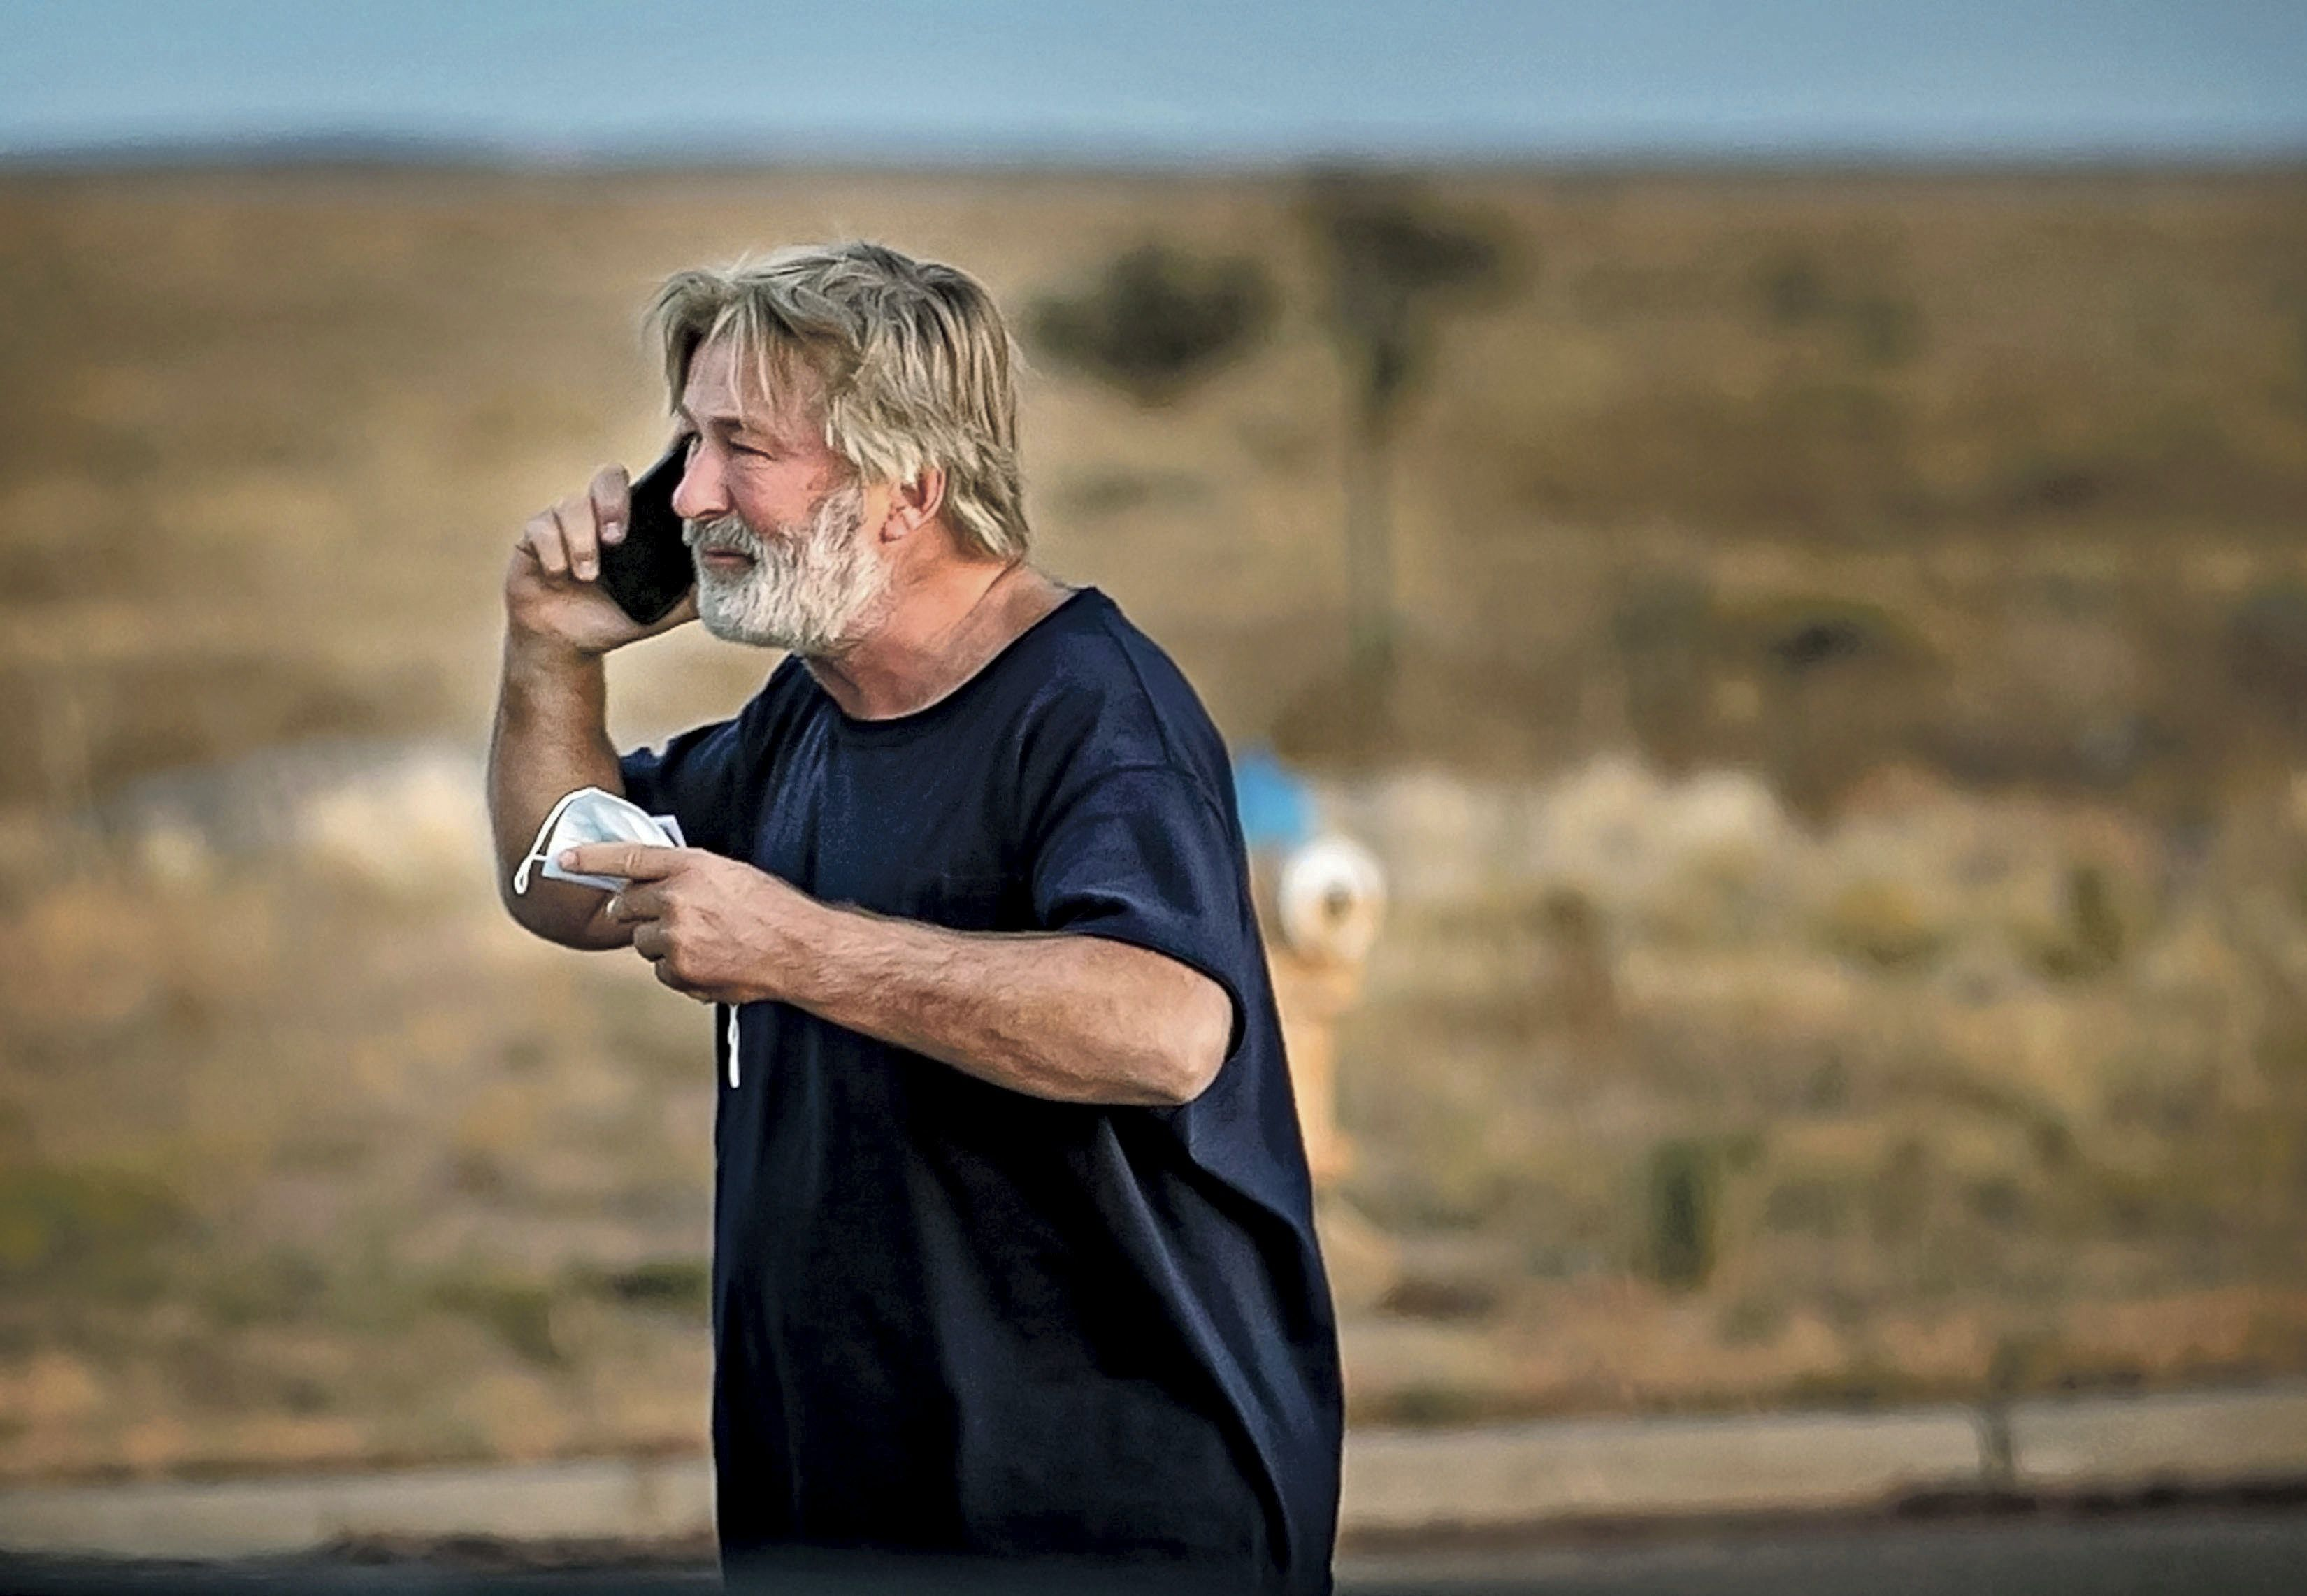 Alec Baldwin habla por teléfono en el estacionamiento frente a la Oficina del Sheriff del Condado de Santa Fe en Santa Fe, Nuevo México, luego de que fue interrogado sobre un tiroteo en el set de la película Rust en las afueras de Santa Fe, el jueves, 10 de octubre. 21, 2021.